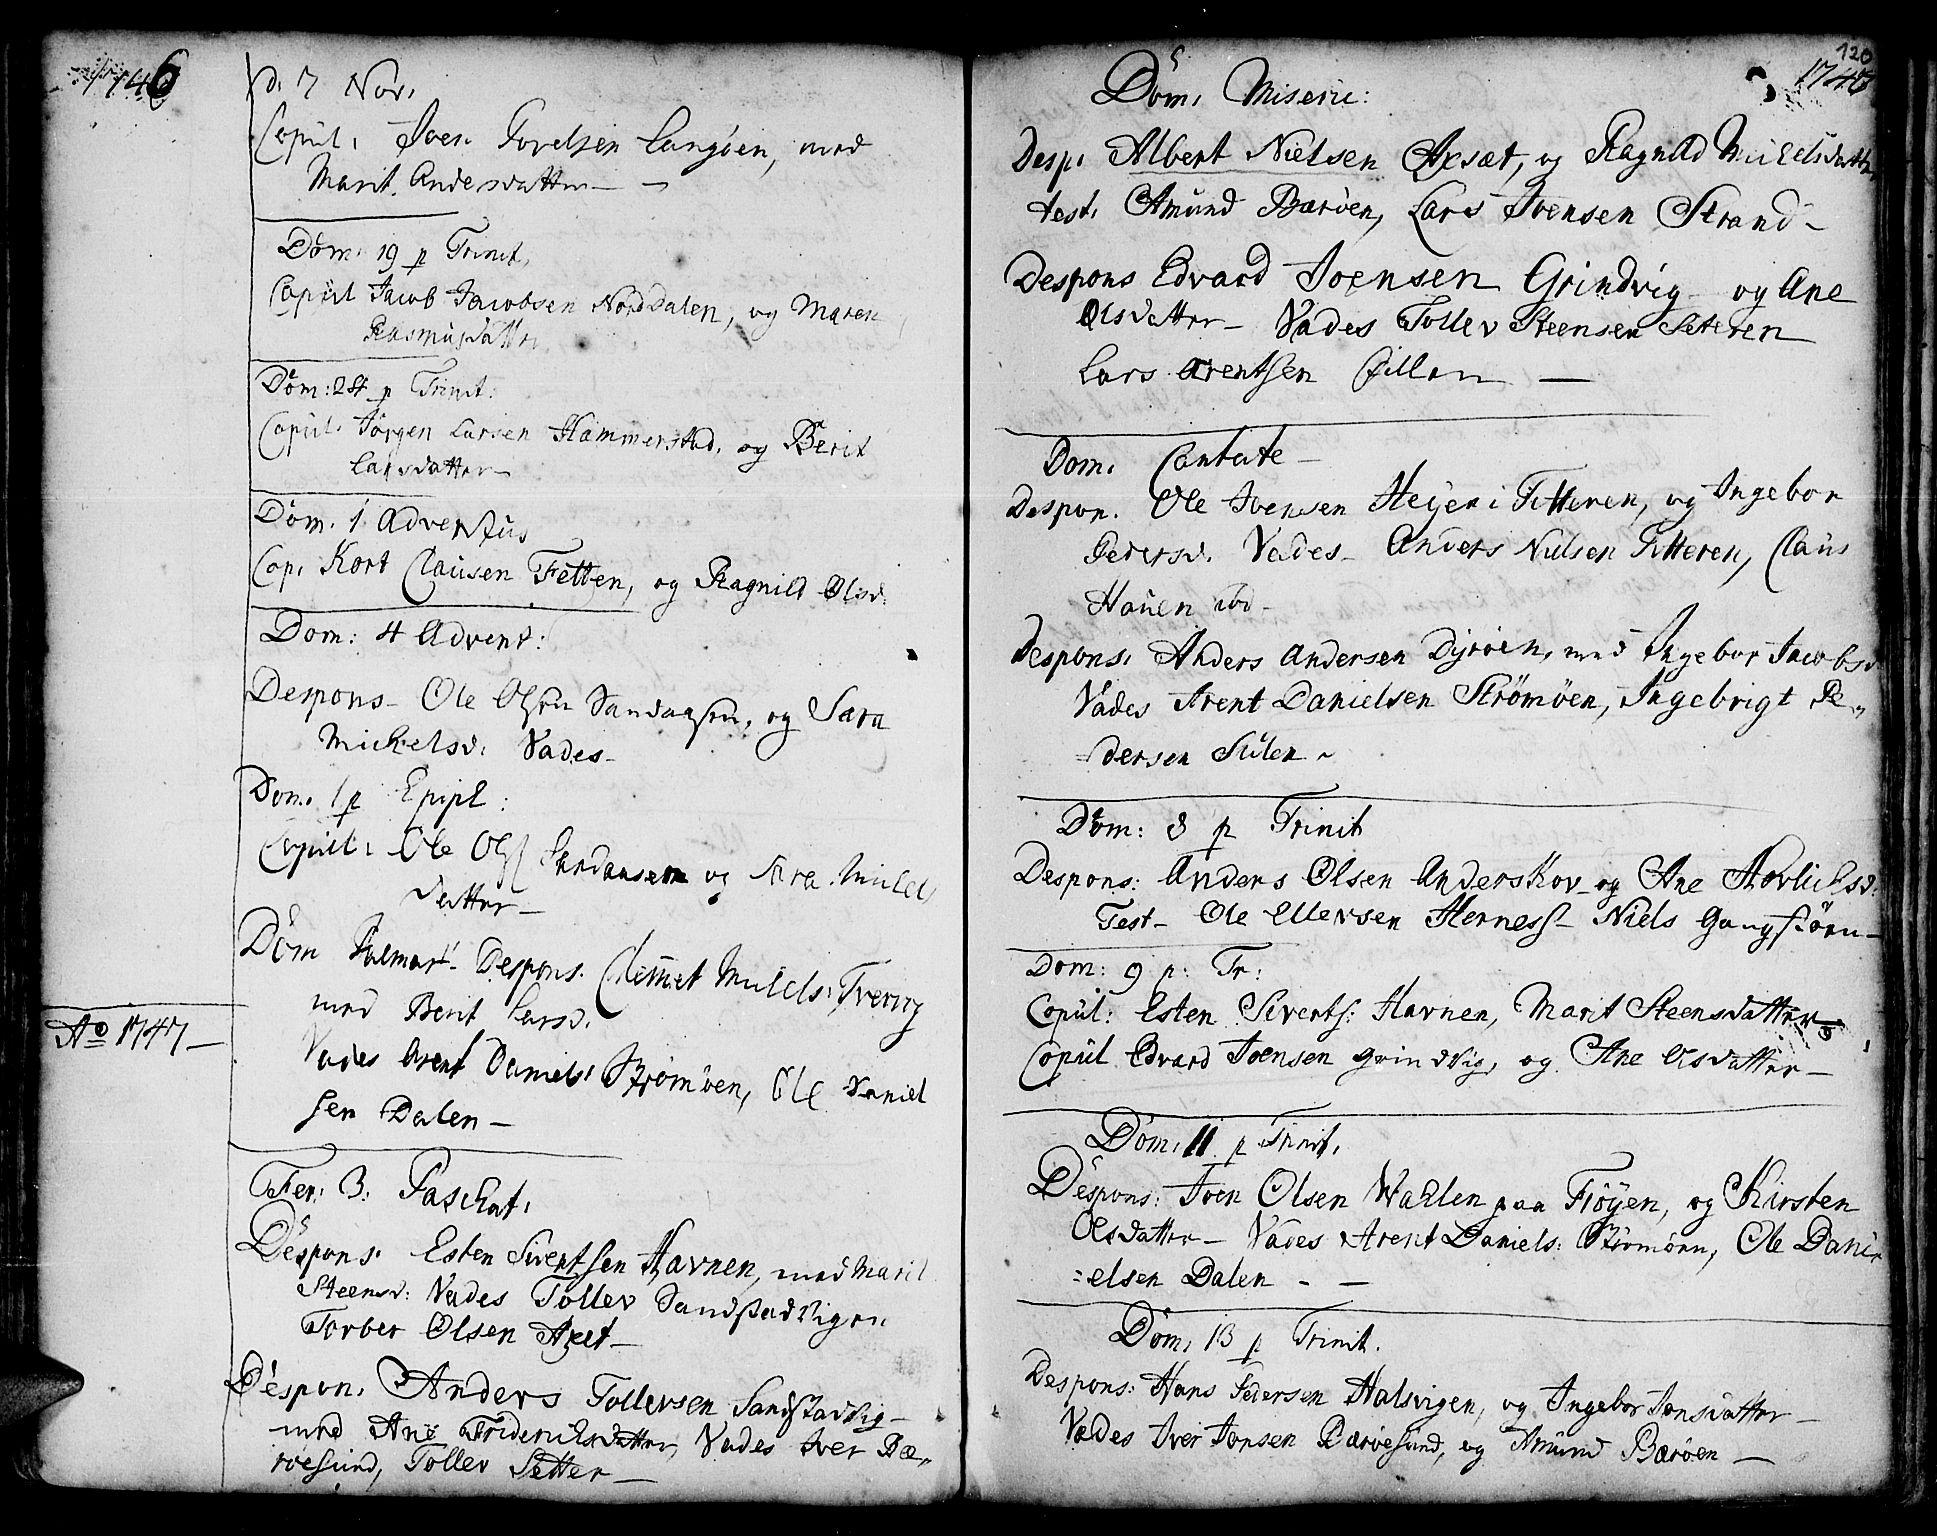 SAT, Ministerialprotokoller, klokkerbøker og fødselsregistre - Sør-Trøndelag, 634/L0525: Ministerialbok nr. 634A01, 1736-1775, s. 120